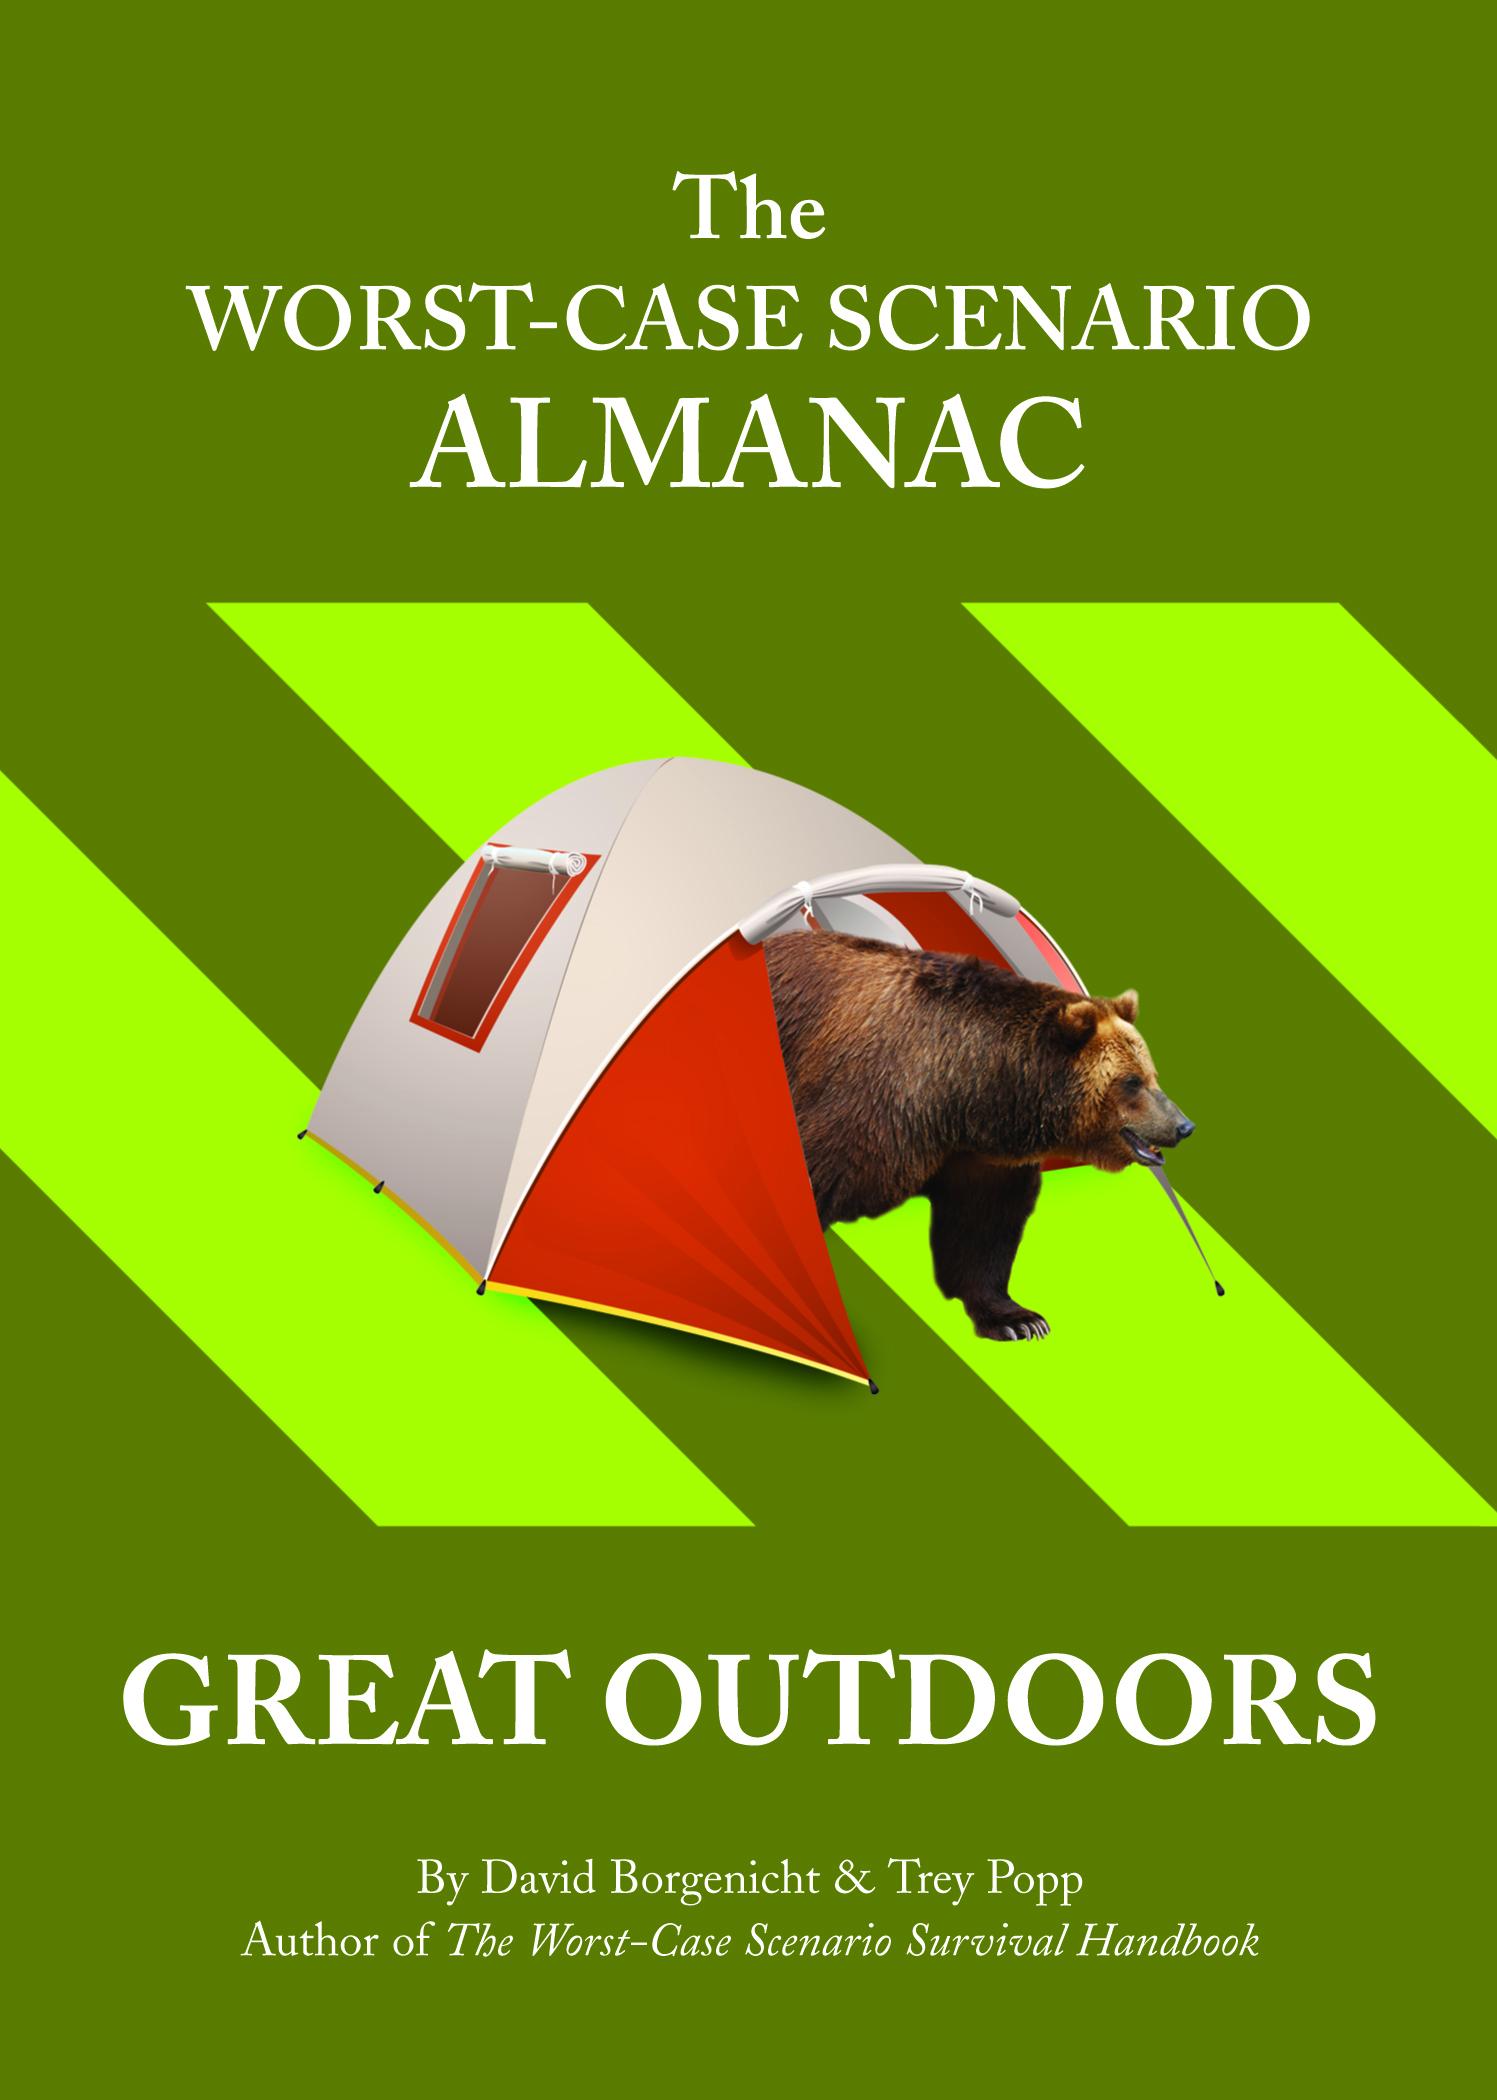 The Worst-Case Scenario Survival Almanac: Great Outdoors